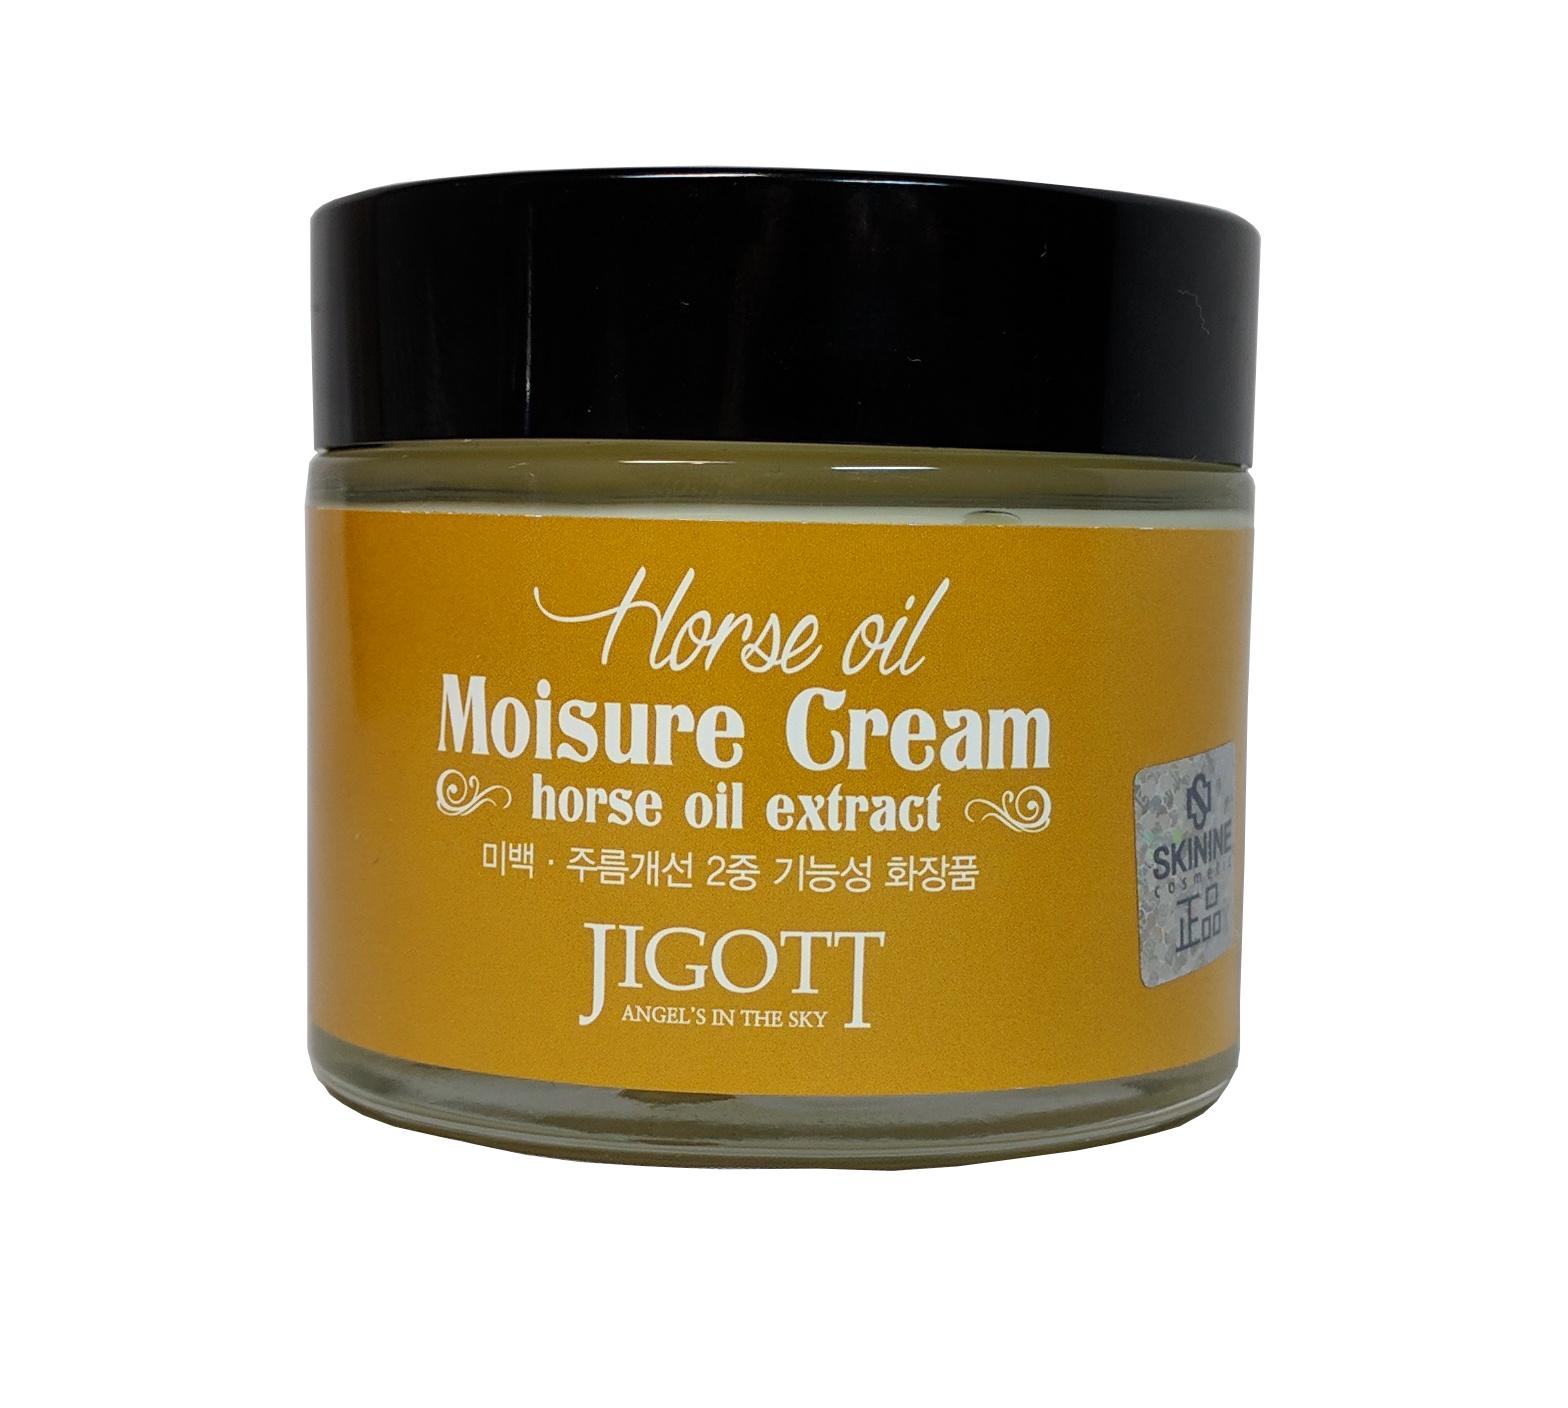 увлажняющий крем с лошадиным маслом jigott horse oil moisture creamHorse Oil Moisture Cream. Увлажняющий крем с лошадиным маслом<br><br>Лошадиный жир содержит большое количество ненасыщенных жирных кислот, витаминов, минералов. Восстанавливает клетки кожи и способствует их скорейшей регенерации, насыщает кожу влагой и удерживает ее длительное время. <br><br>Крем с лошадиным жиром обогащает кожу питательными веществами и помогает ей стать здоровой, увлажненной и сияющей. <br><br><br>Ниацинамид улучшает эластичность кожи, помогает удалить возрастные пятна и улучшает тонус кожи и ее текстуру, осветляет и выравнивает тон кожи. <br><br>Аденозин активизирует производство коллагена и эластина, разглаживает мимические морщины, улучшает эластичность кожи и предотвращает ее старение.<br><br><br>Применение:&amp;nbsp;Используйте как завершающий этап ухода за кожей. Небольшое количество крема нанесите на лицо и шею, нежными похлопывающими движениями распределите крем по поверхности кожи.<br><br>Меры предосторожности:&amp;nbsp;Только для наружного применения. Избегать попадания в глаза. При попадании в глаза немедленно промыть водой. Не наносить на поврежденные участки кожи. При появлении раздражения прекратить использование.<br><br>Срок годности:&amp;nbsp;3 года с даты производства.<br><br>Объем:&amp;nbsp;70 мл<br><br>&amp;nbsp;<br>